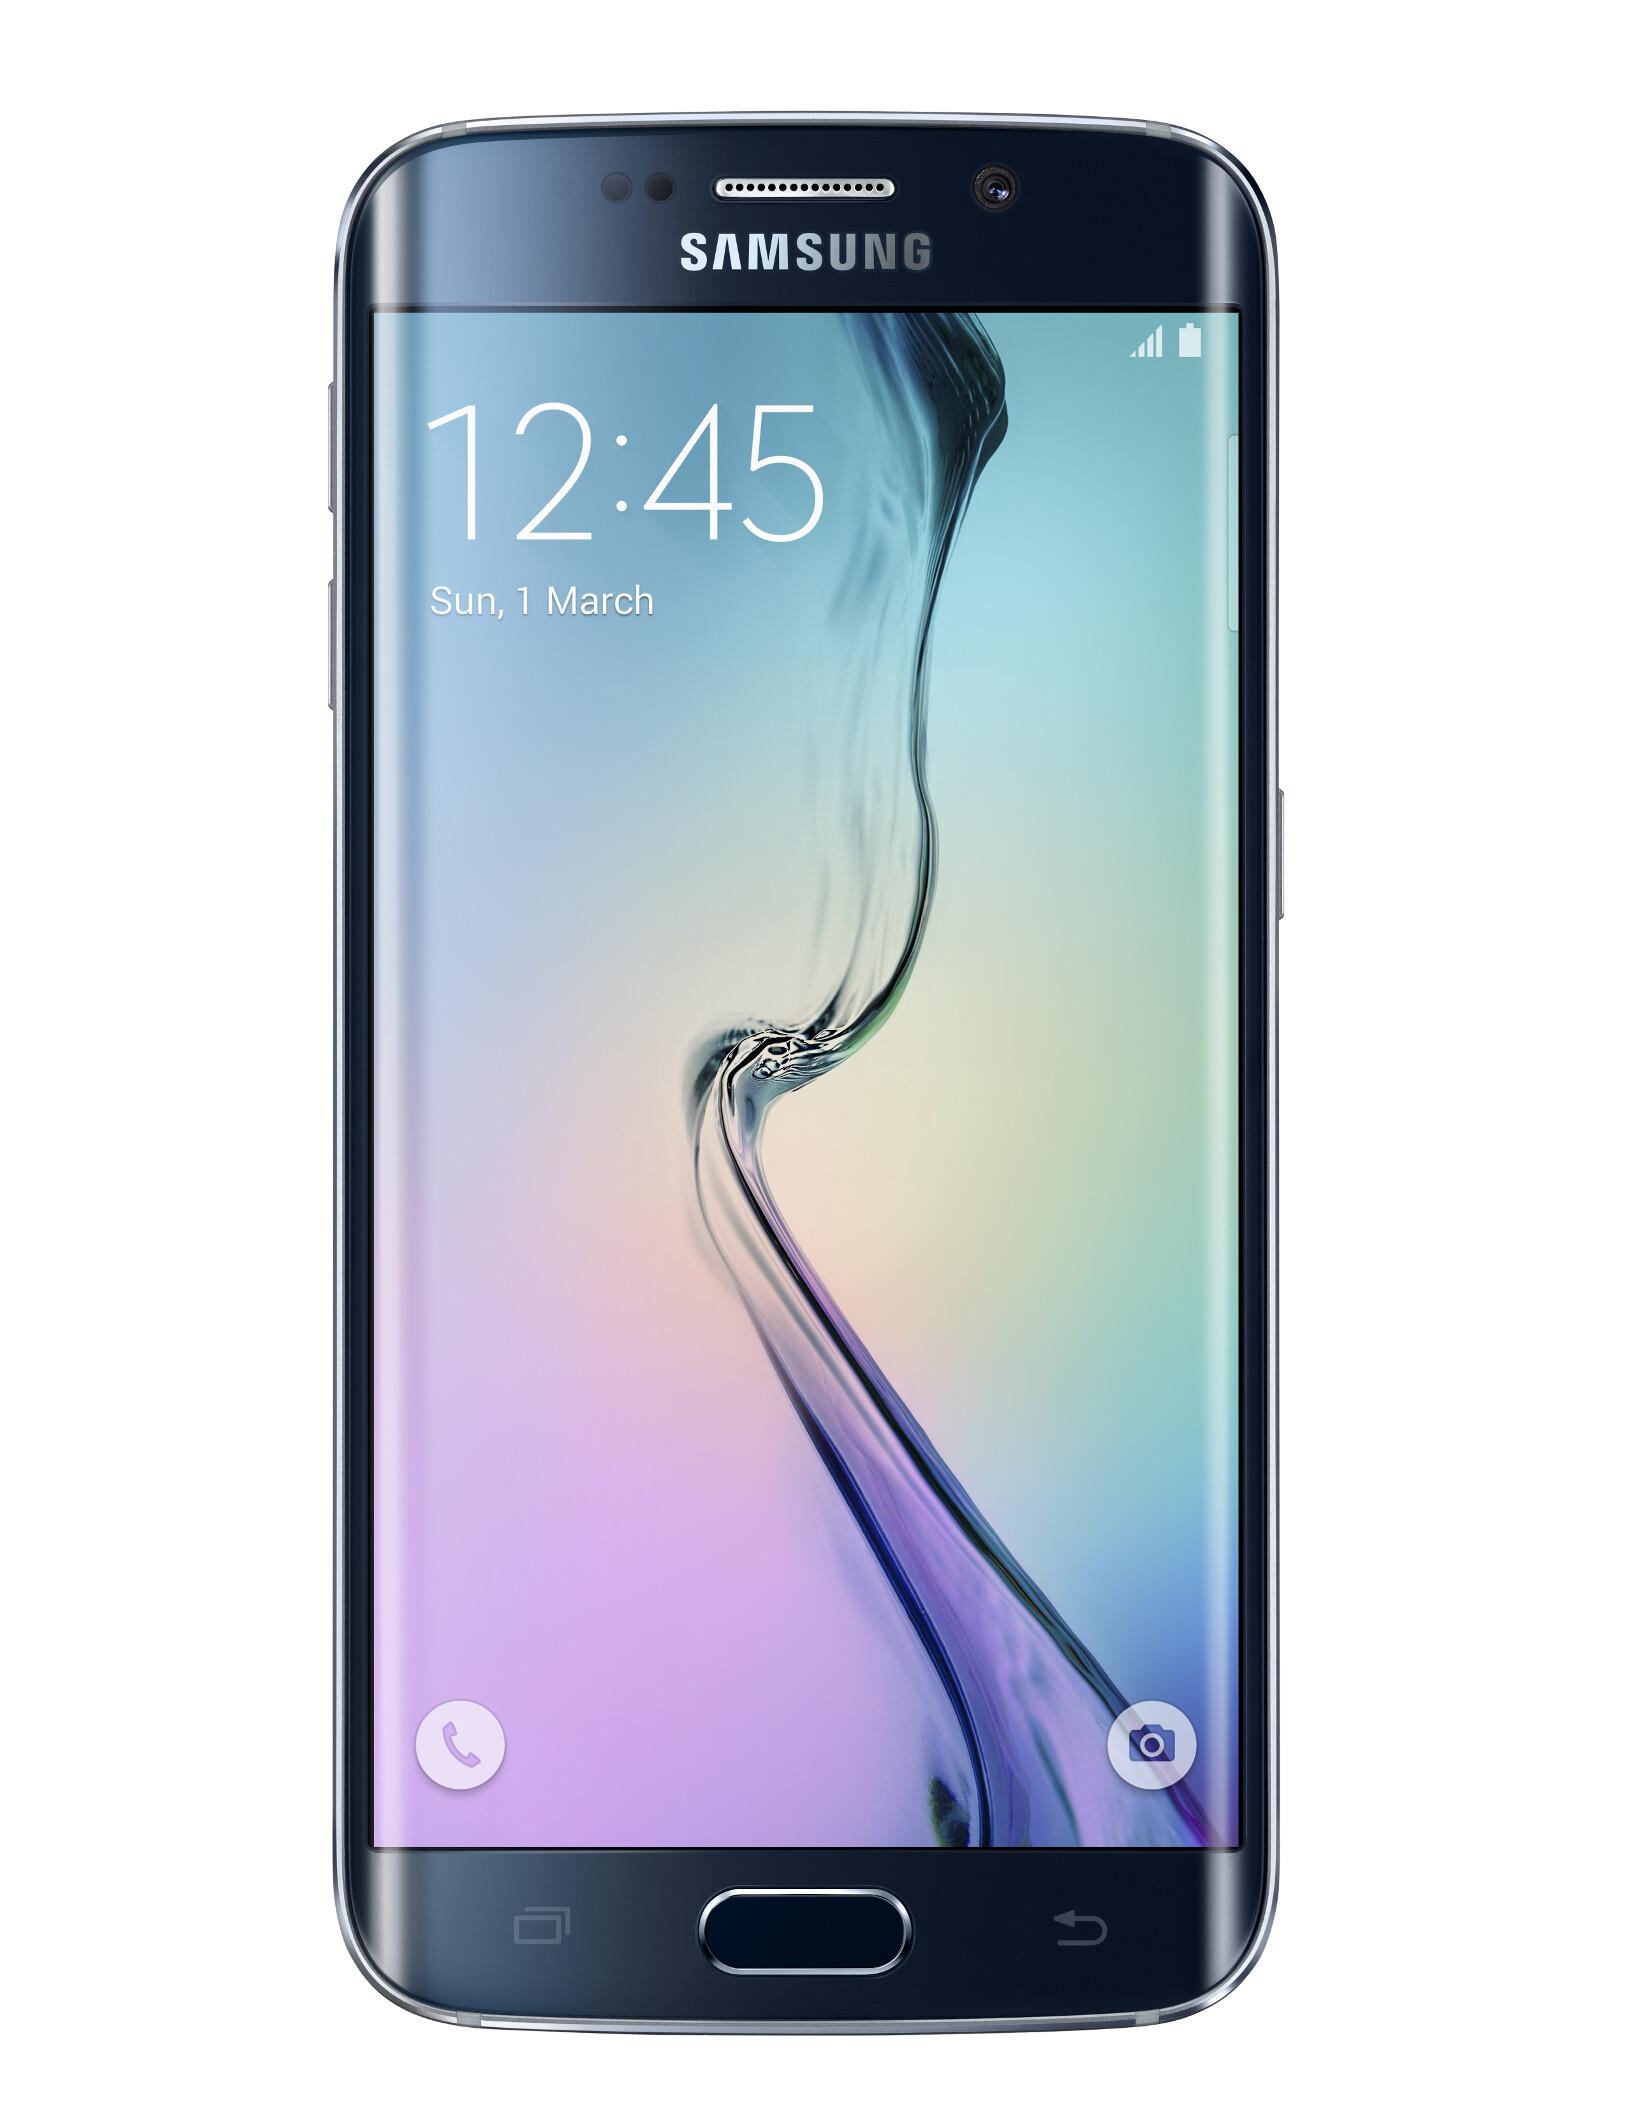 Samsung Galaxy Touch Edge: South Korea Wonder Edge